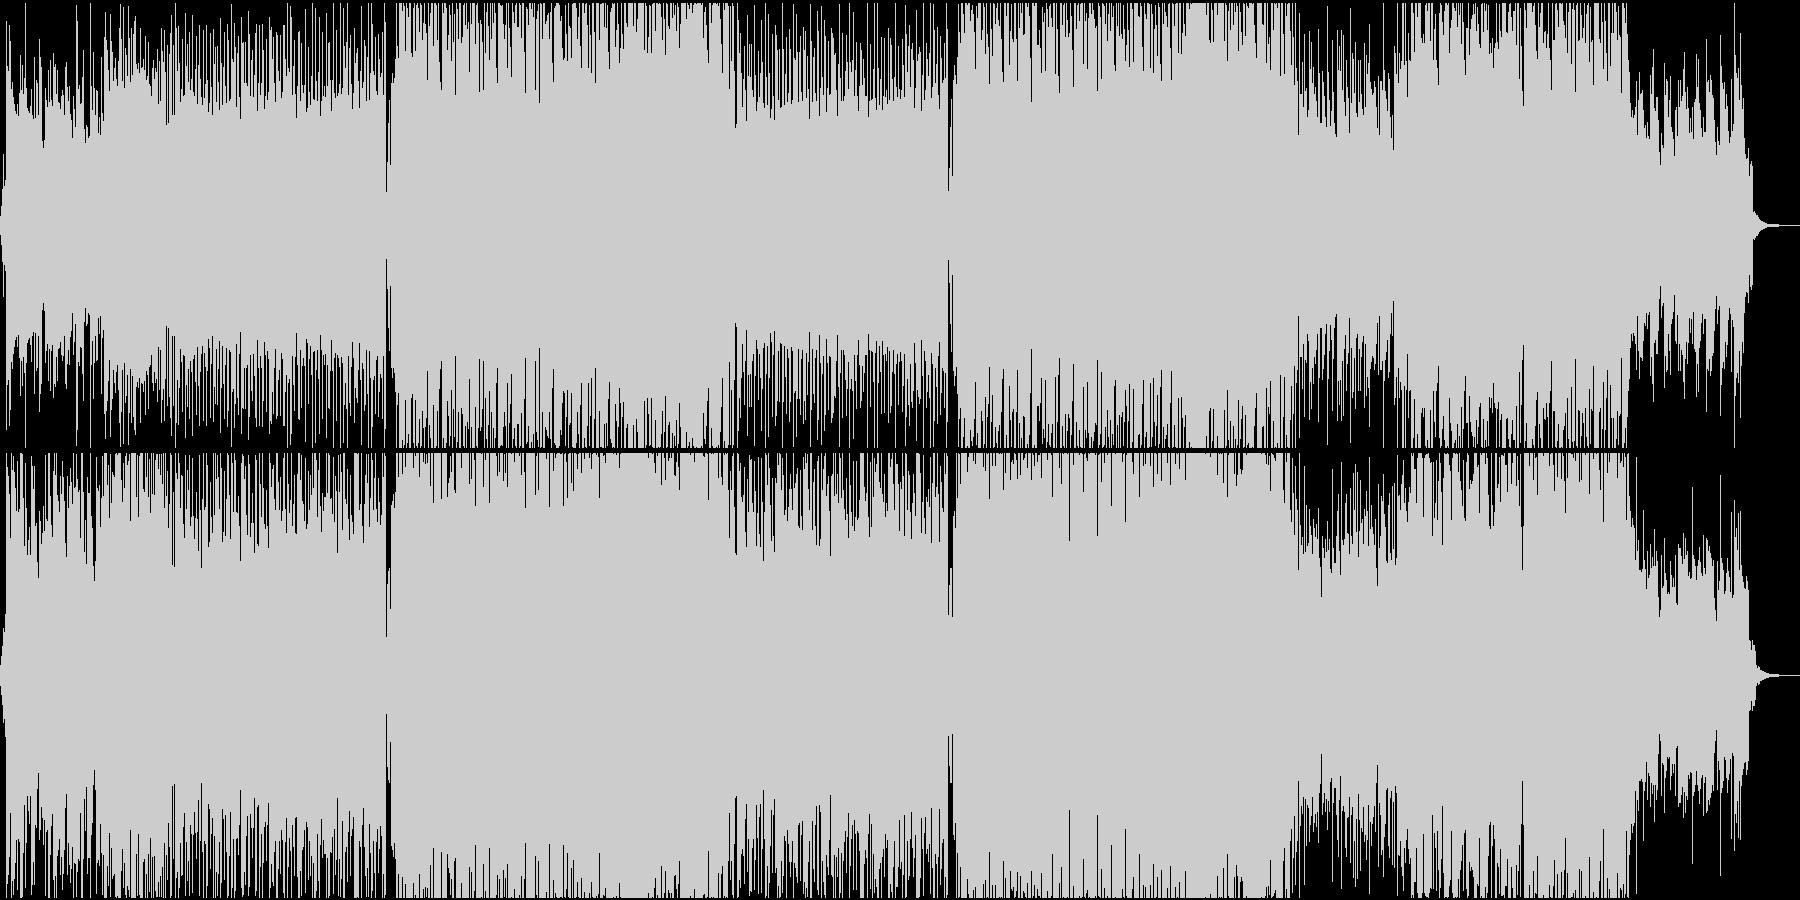 都会的なオシャレハウスミュージックの未再生の波形